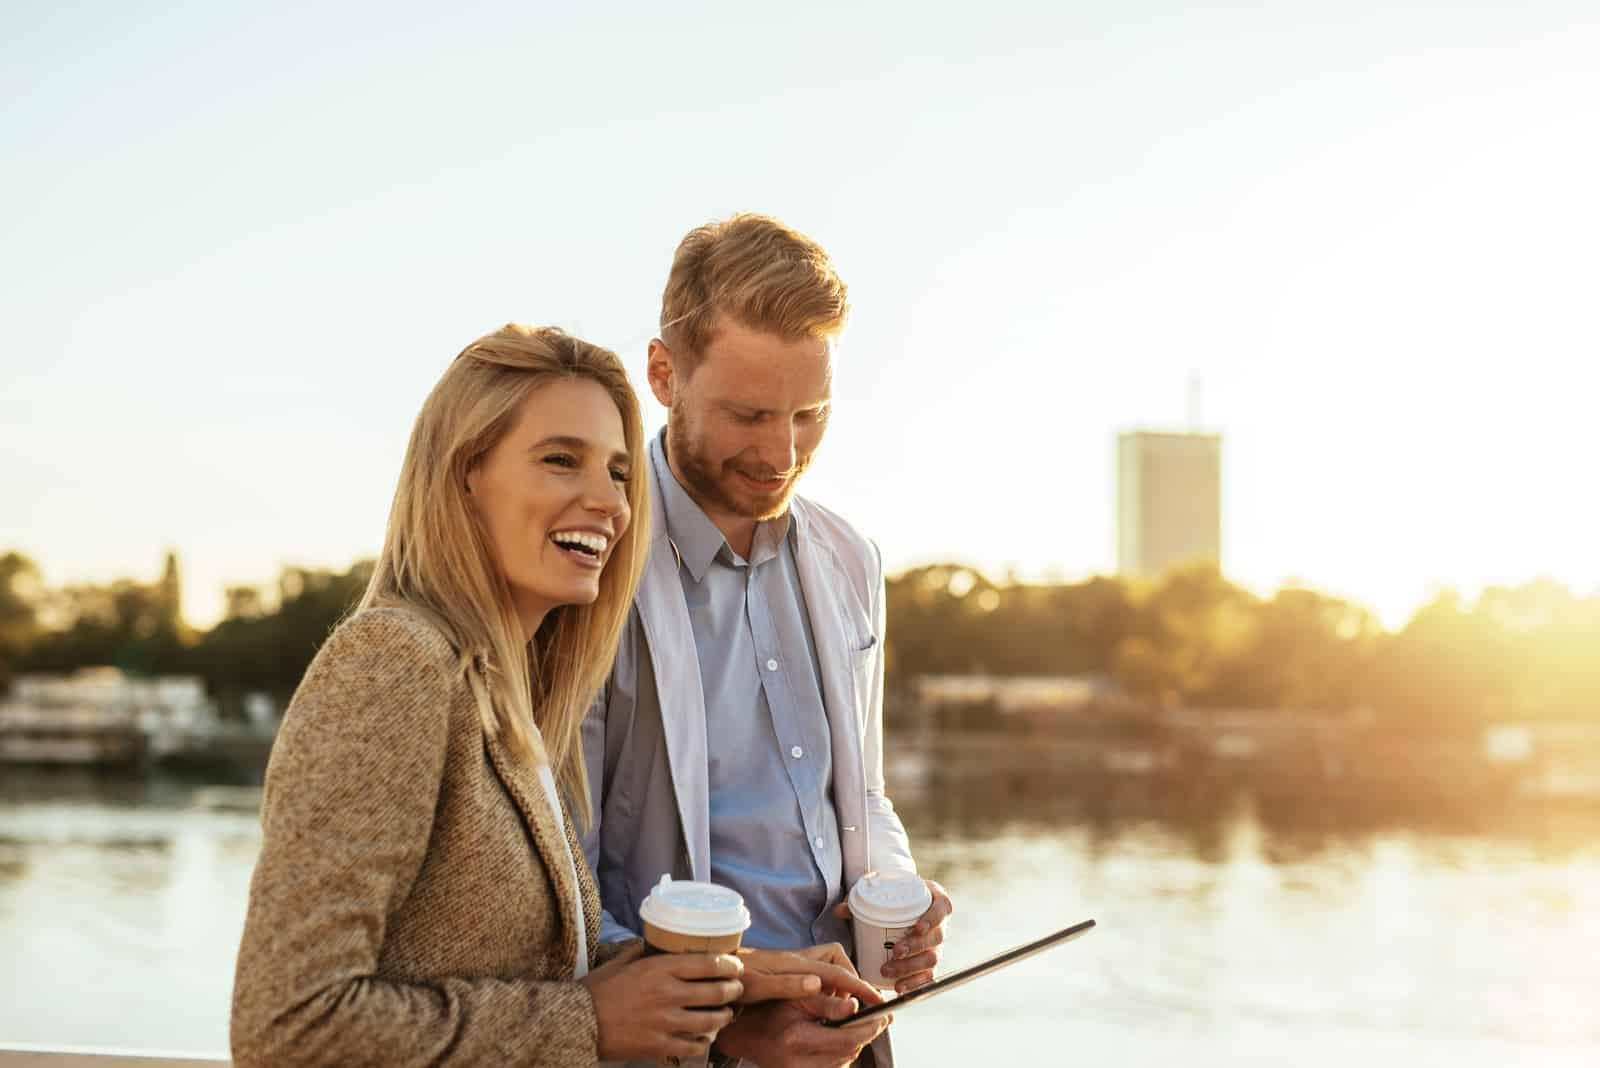 l'homme et la femme marchent et rient